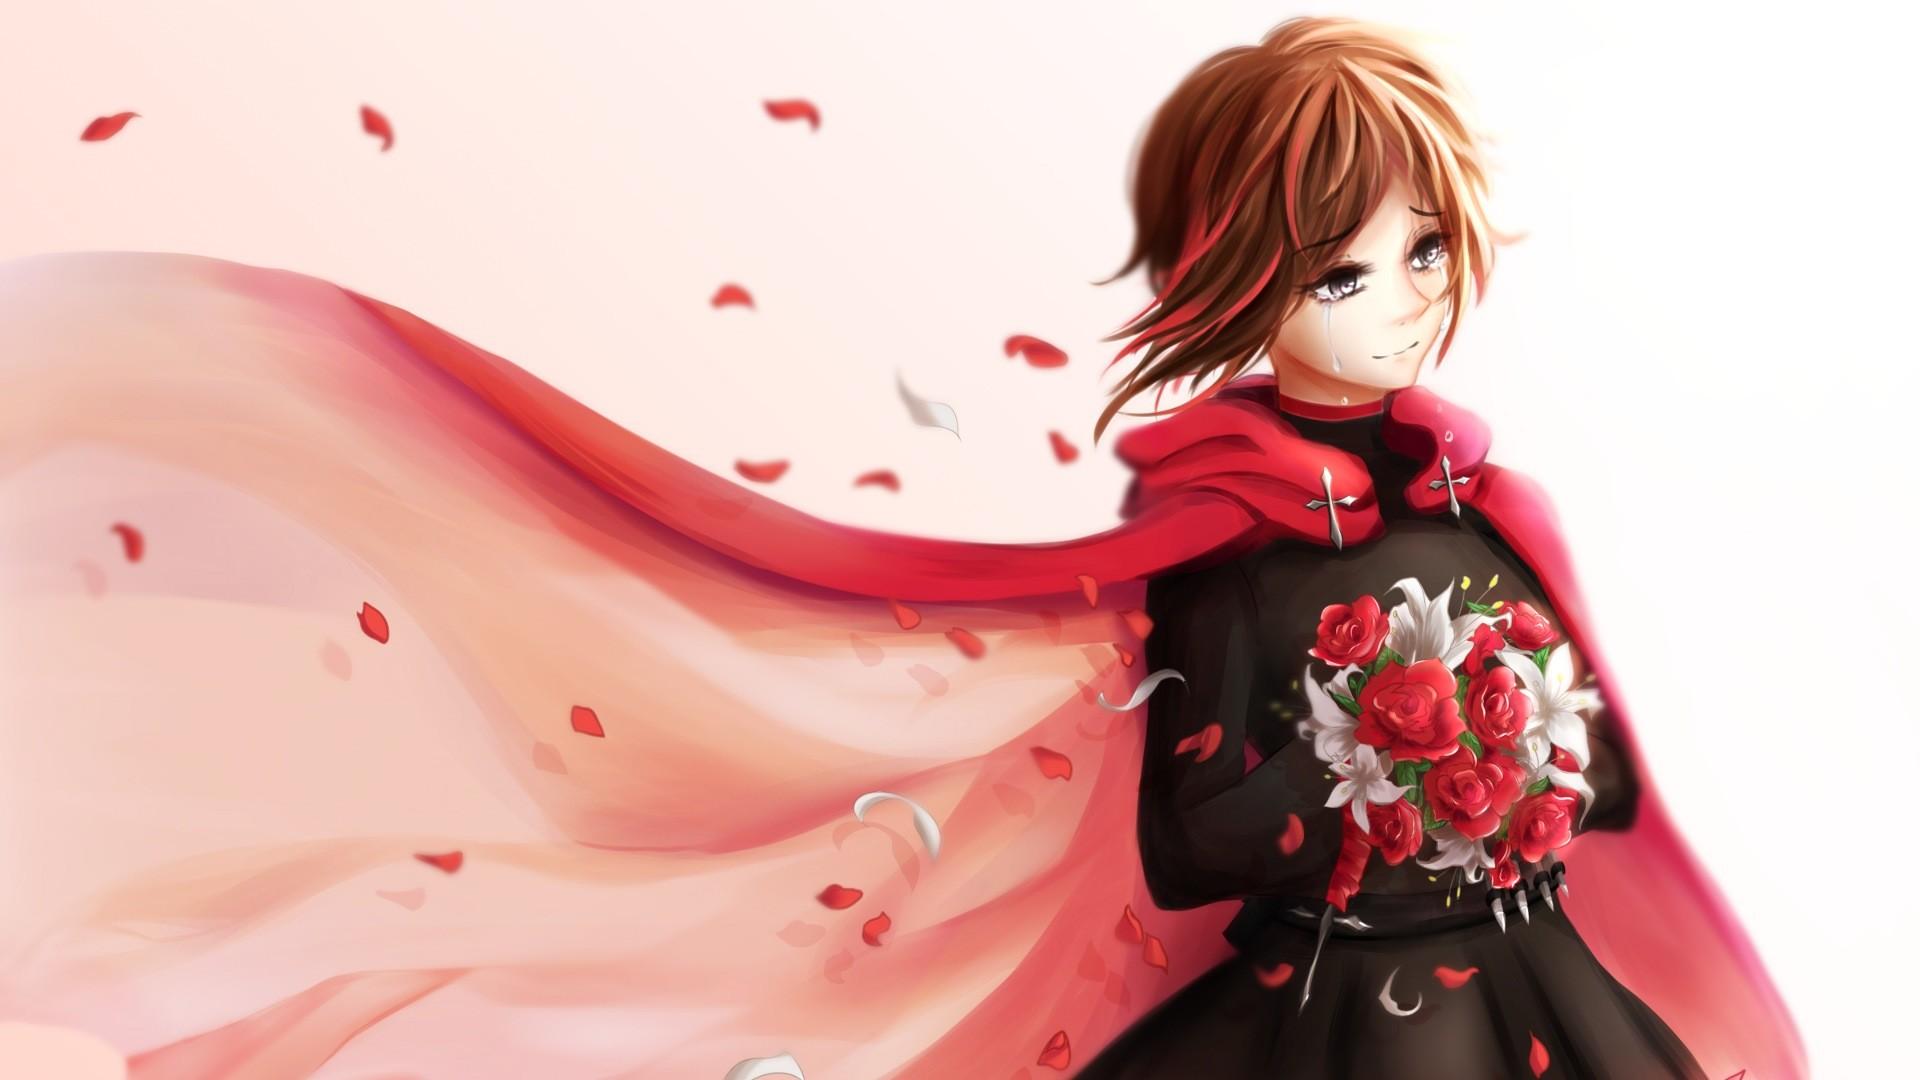 rwby ruby rose anime